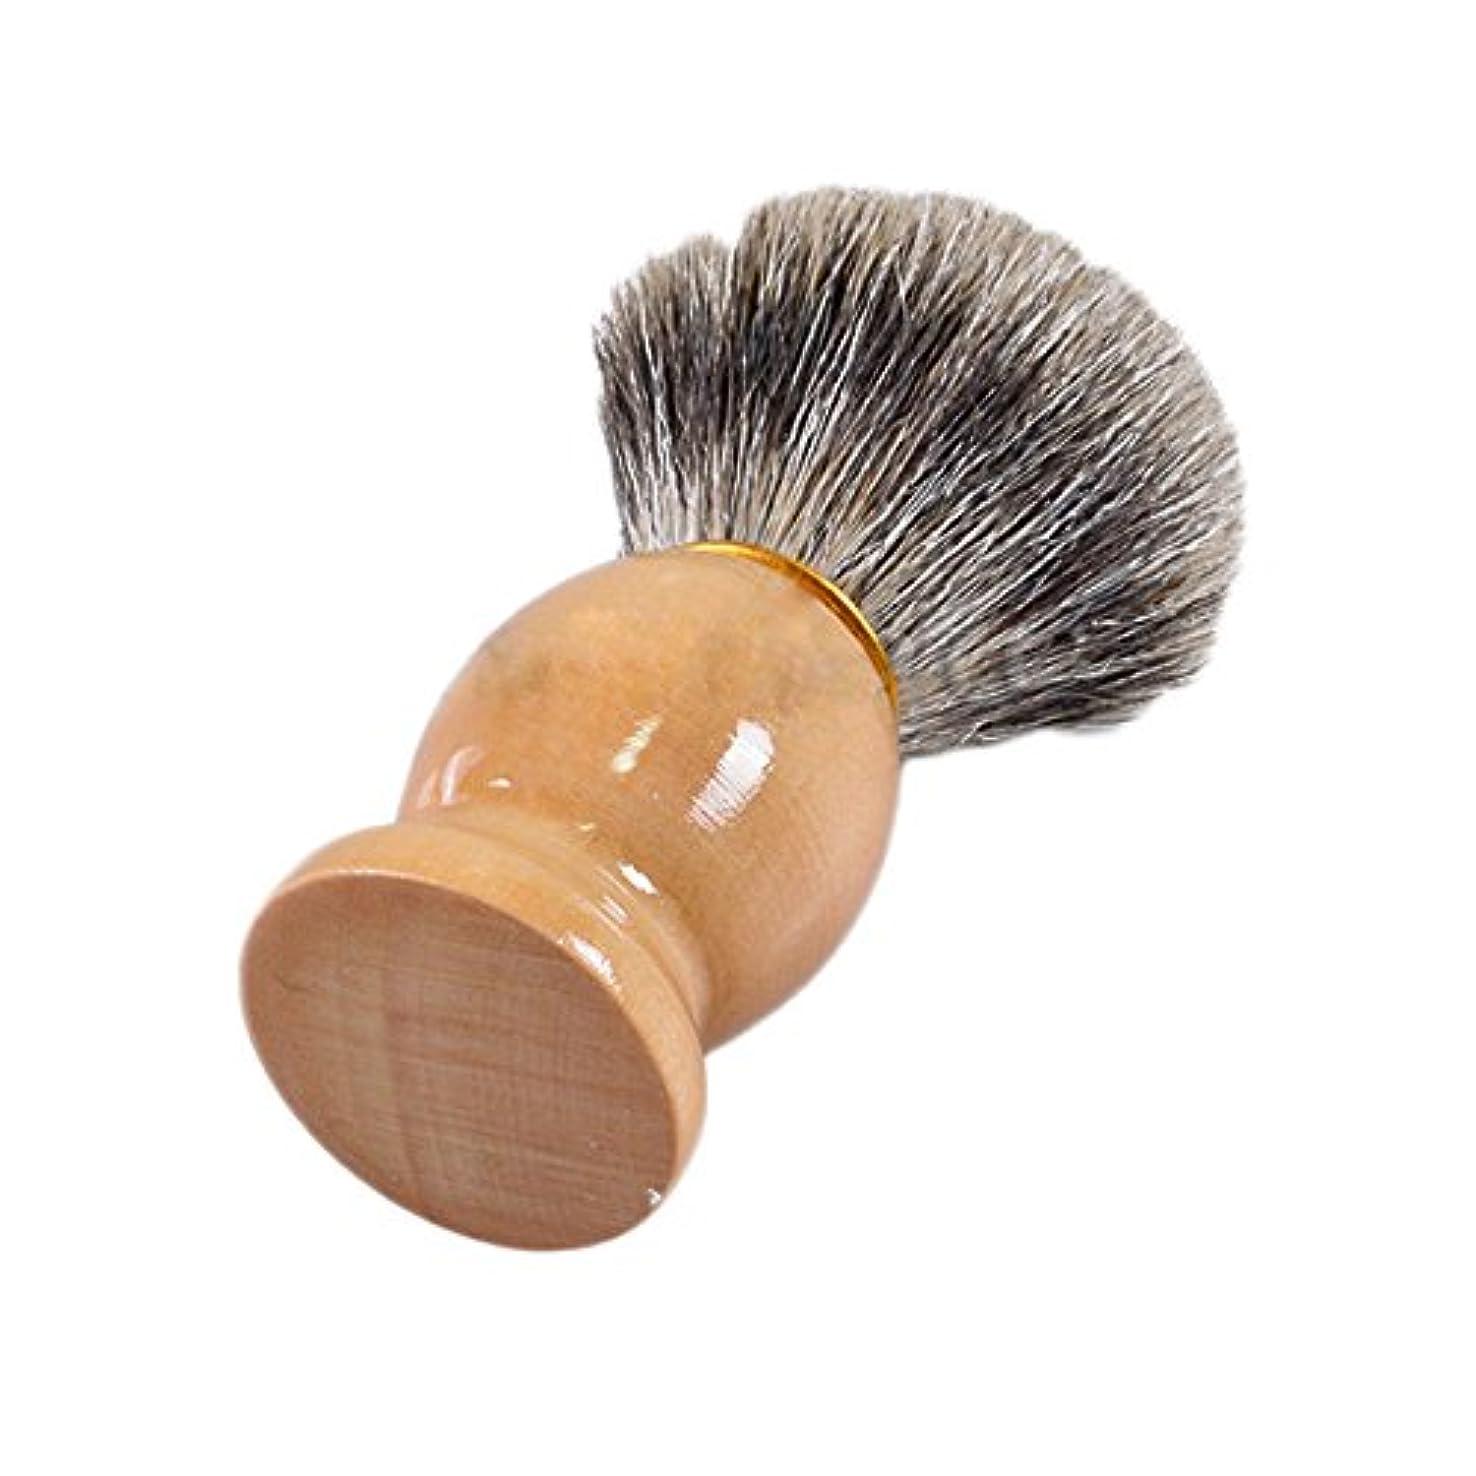 分析的換気ラジエーターMSmask 純粋なアナグマ毛シェービングブラシ 木製ハンドルのシェービングブラシで